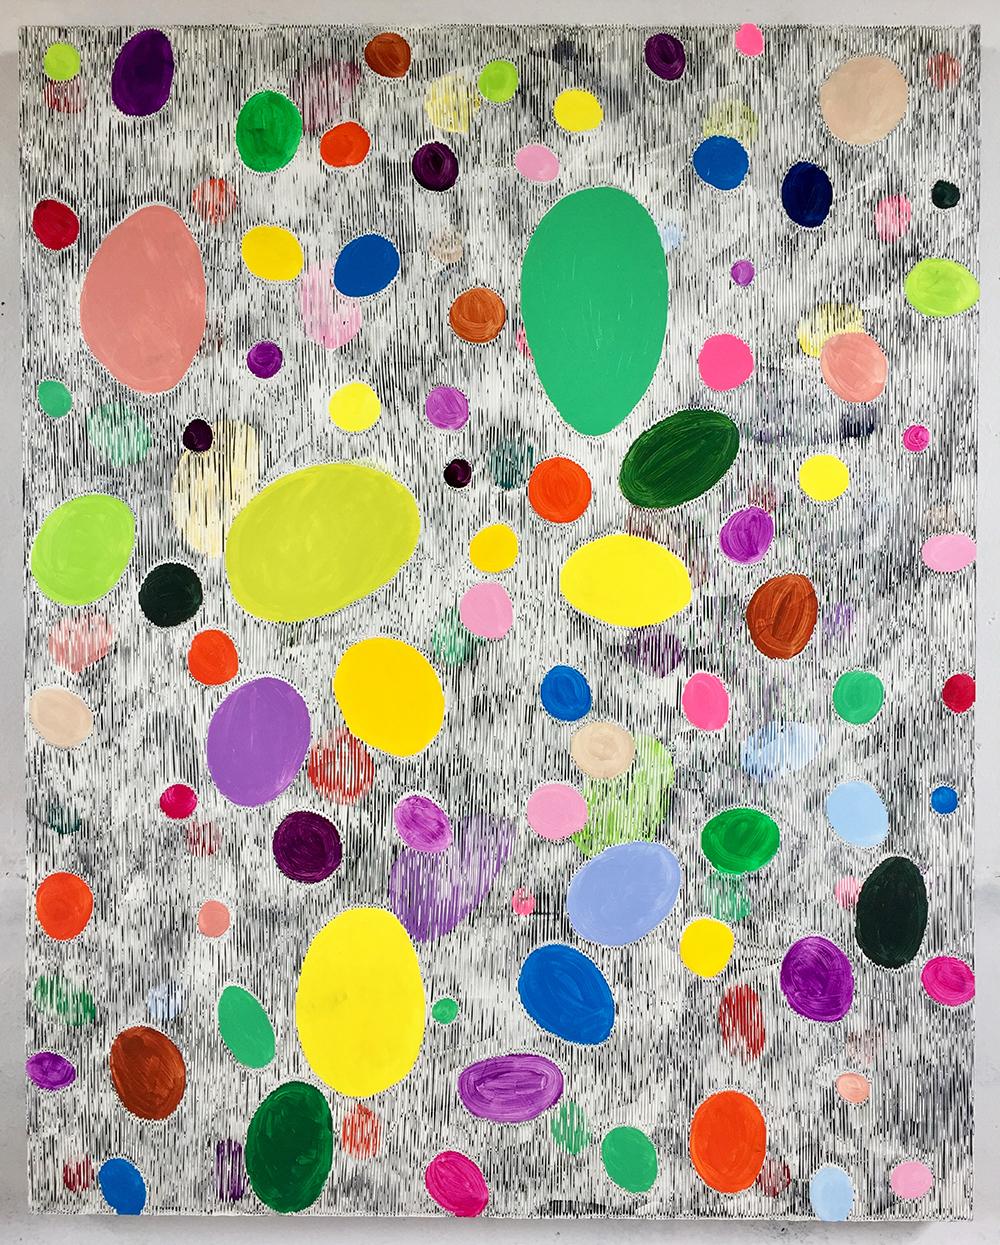 《绘画—鹅卵石1》150x120cm 2018年